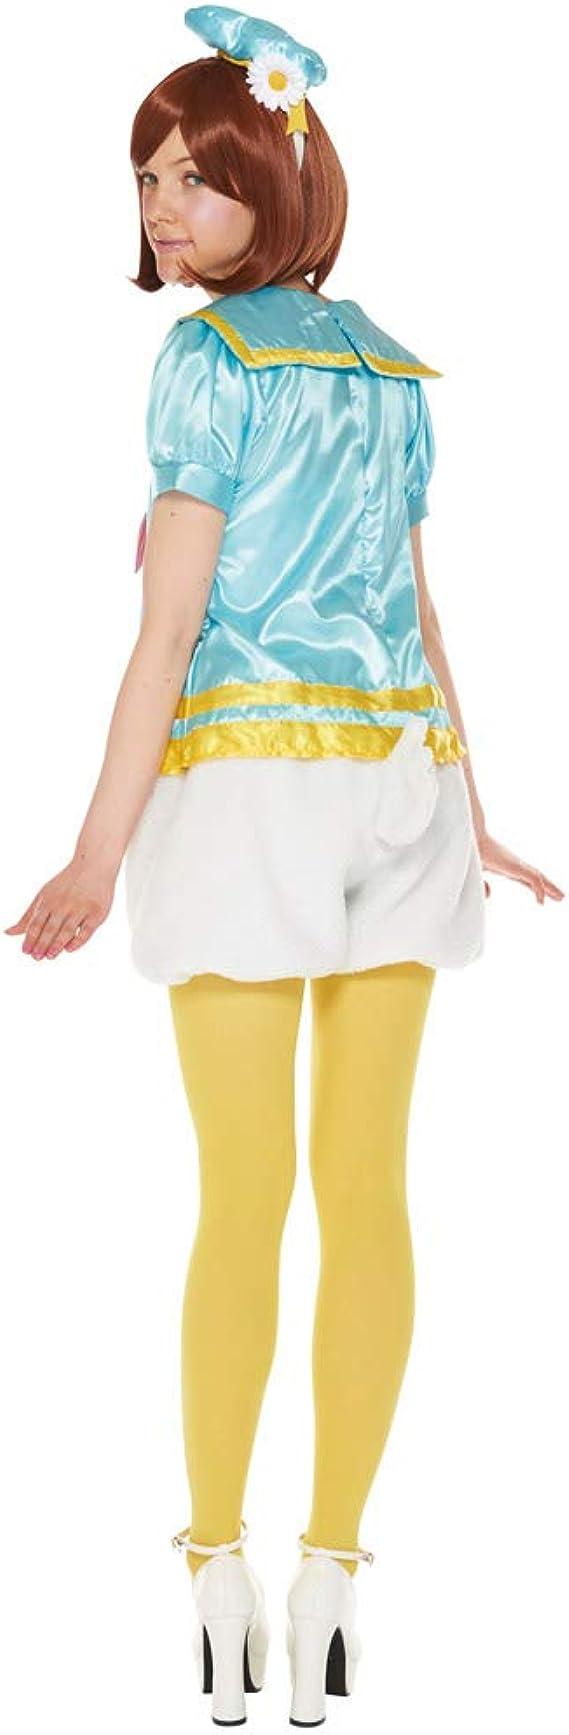 Disfraz de Pato Donald de Disney, Colores Pastel, tamaño estándar ...